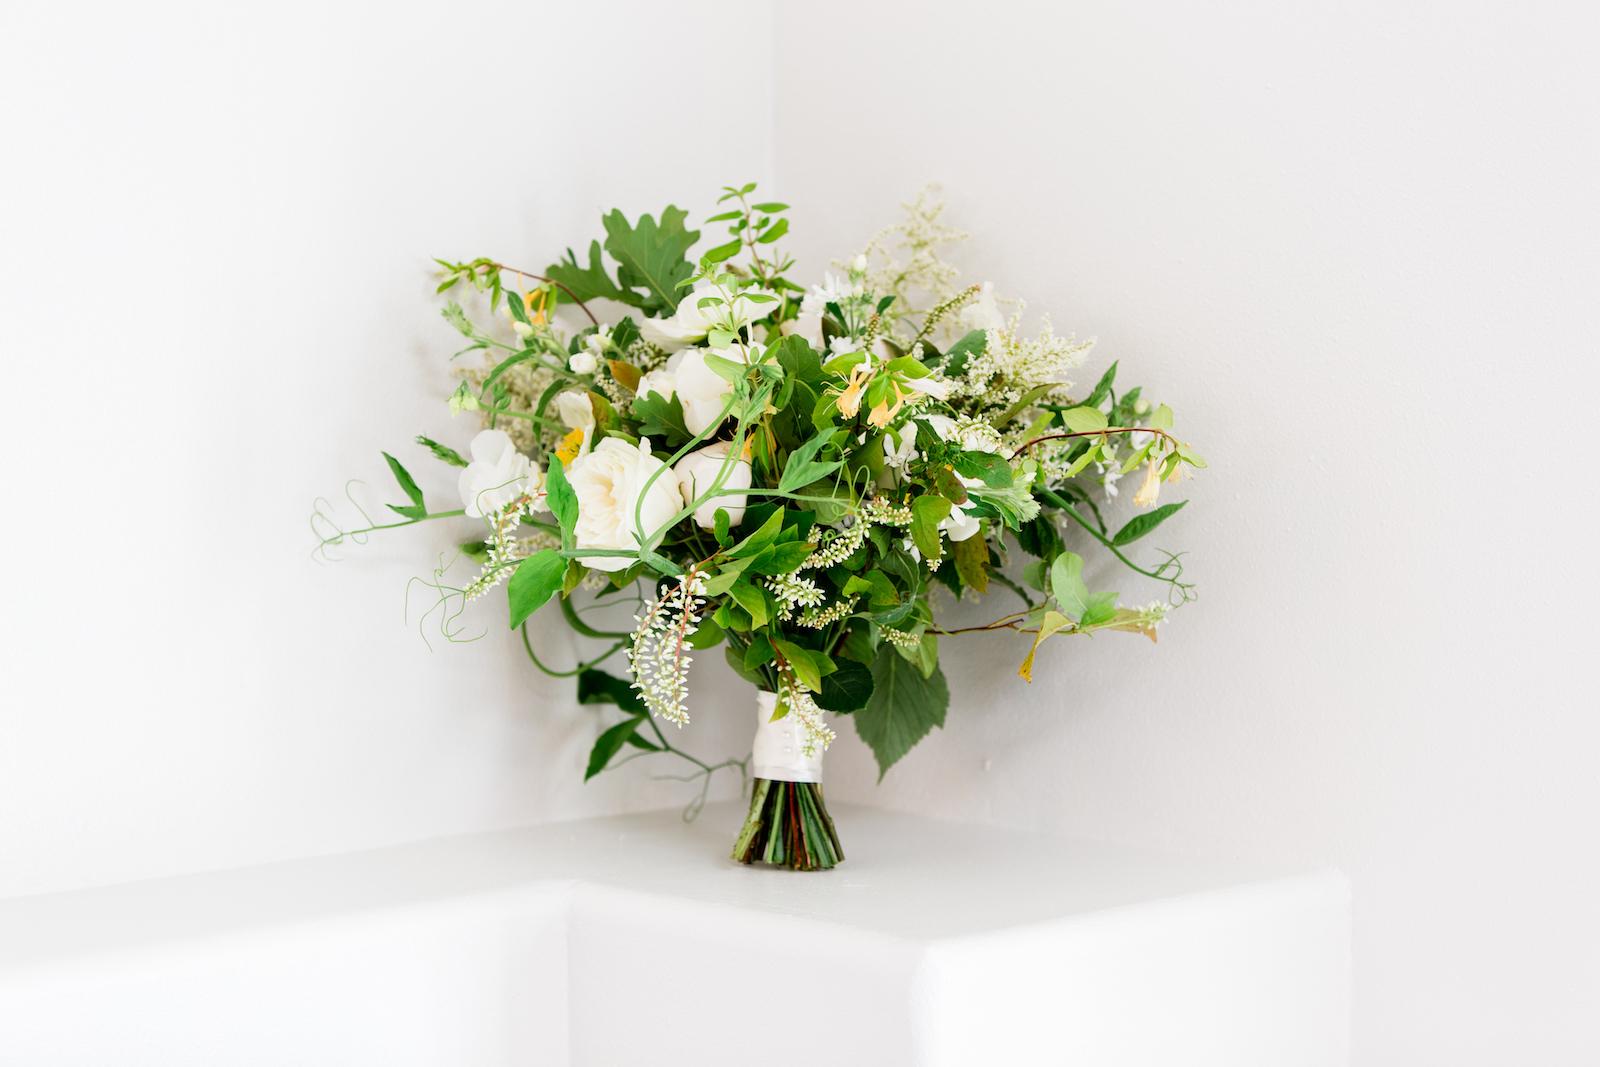 Botanica Floral Design - Bouquet Floral Design in Oregon